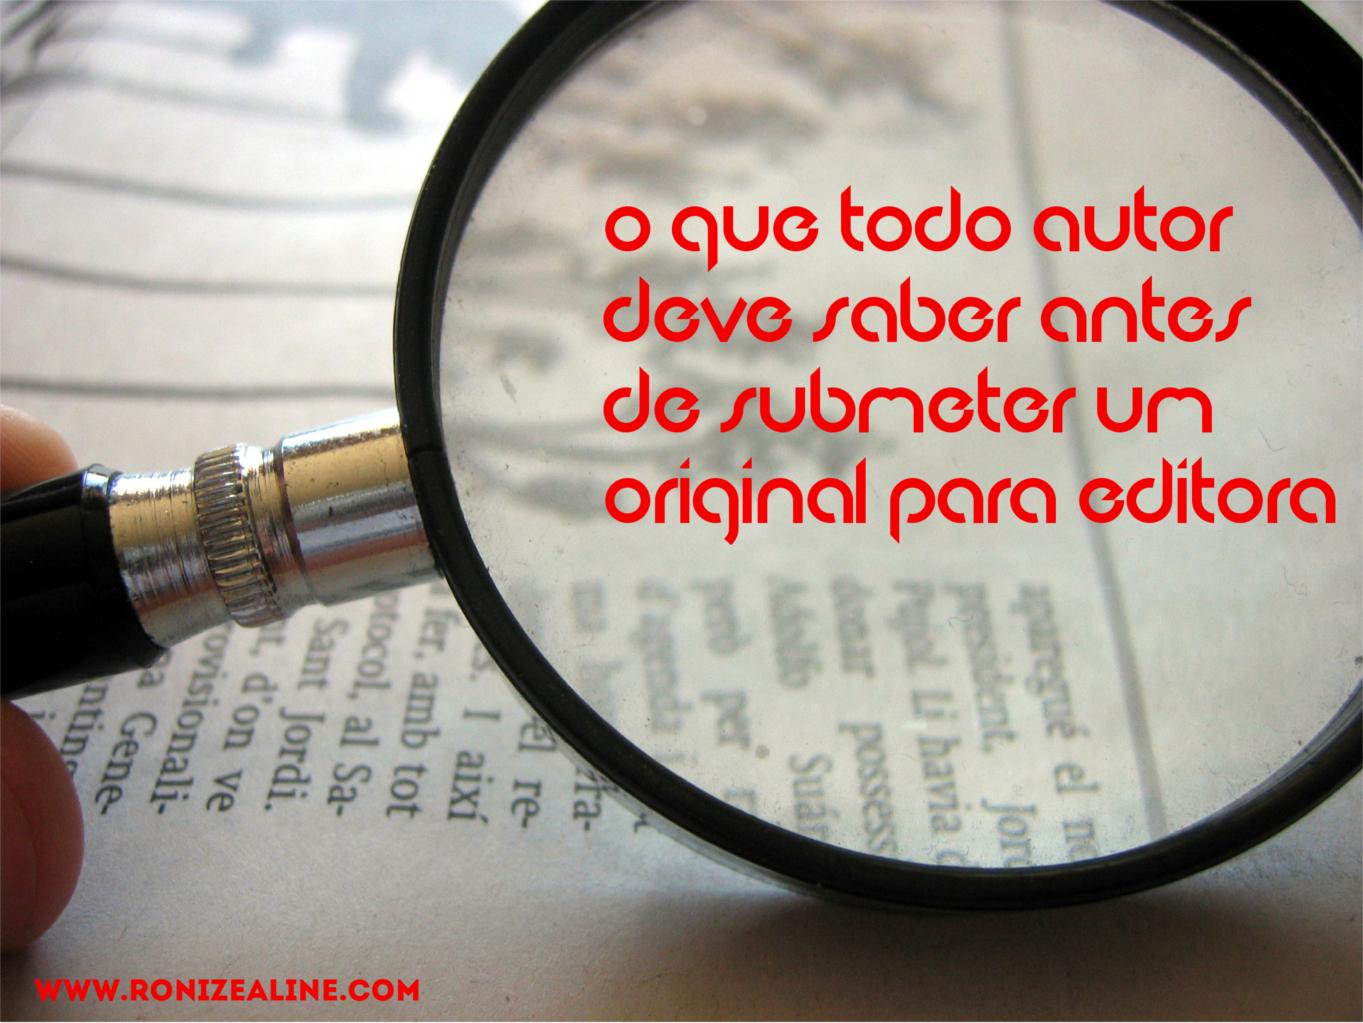 O que todo autor deve saber antes de submeter um original para editora